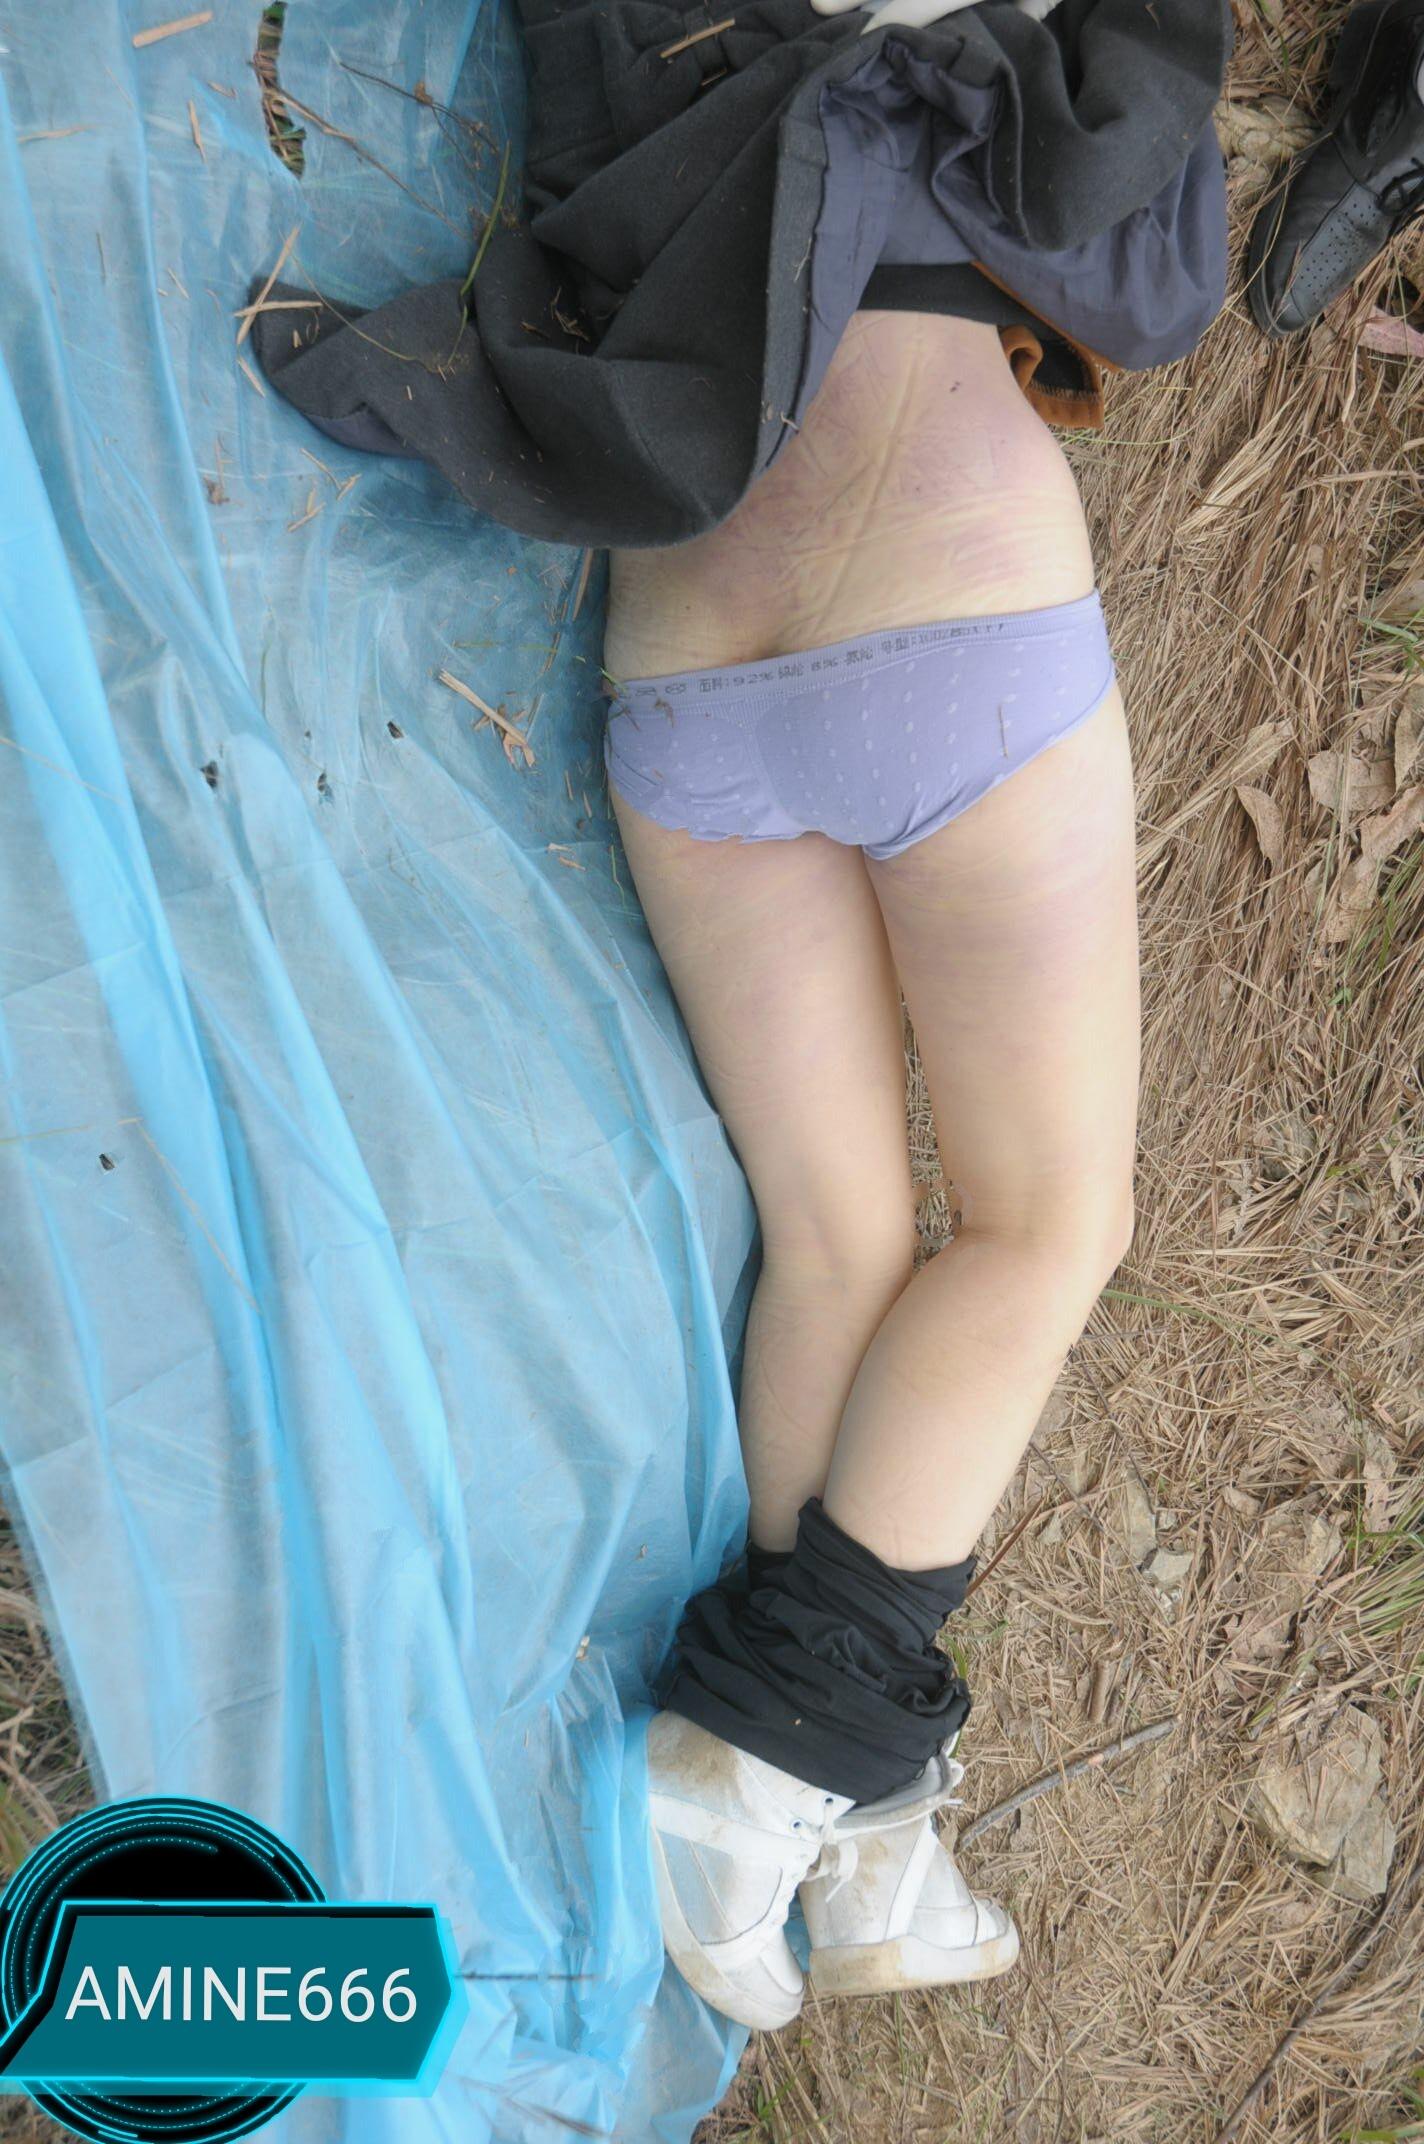 【遺体注意】草むらでレイプされた後絞殺された中国人少女、その場で検視されてる画像がヤバい・・・・・(画像)・4枚目